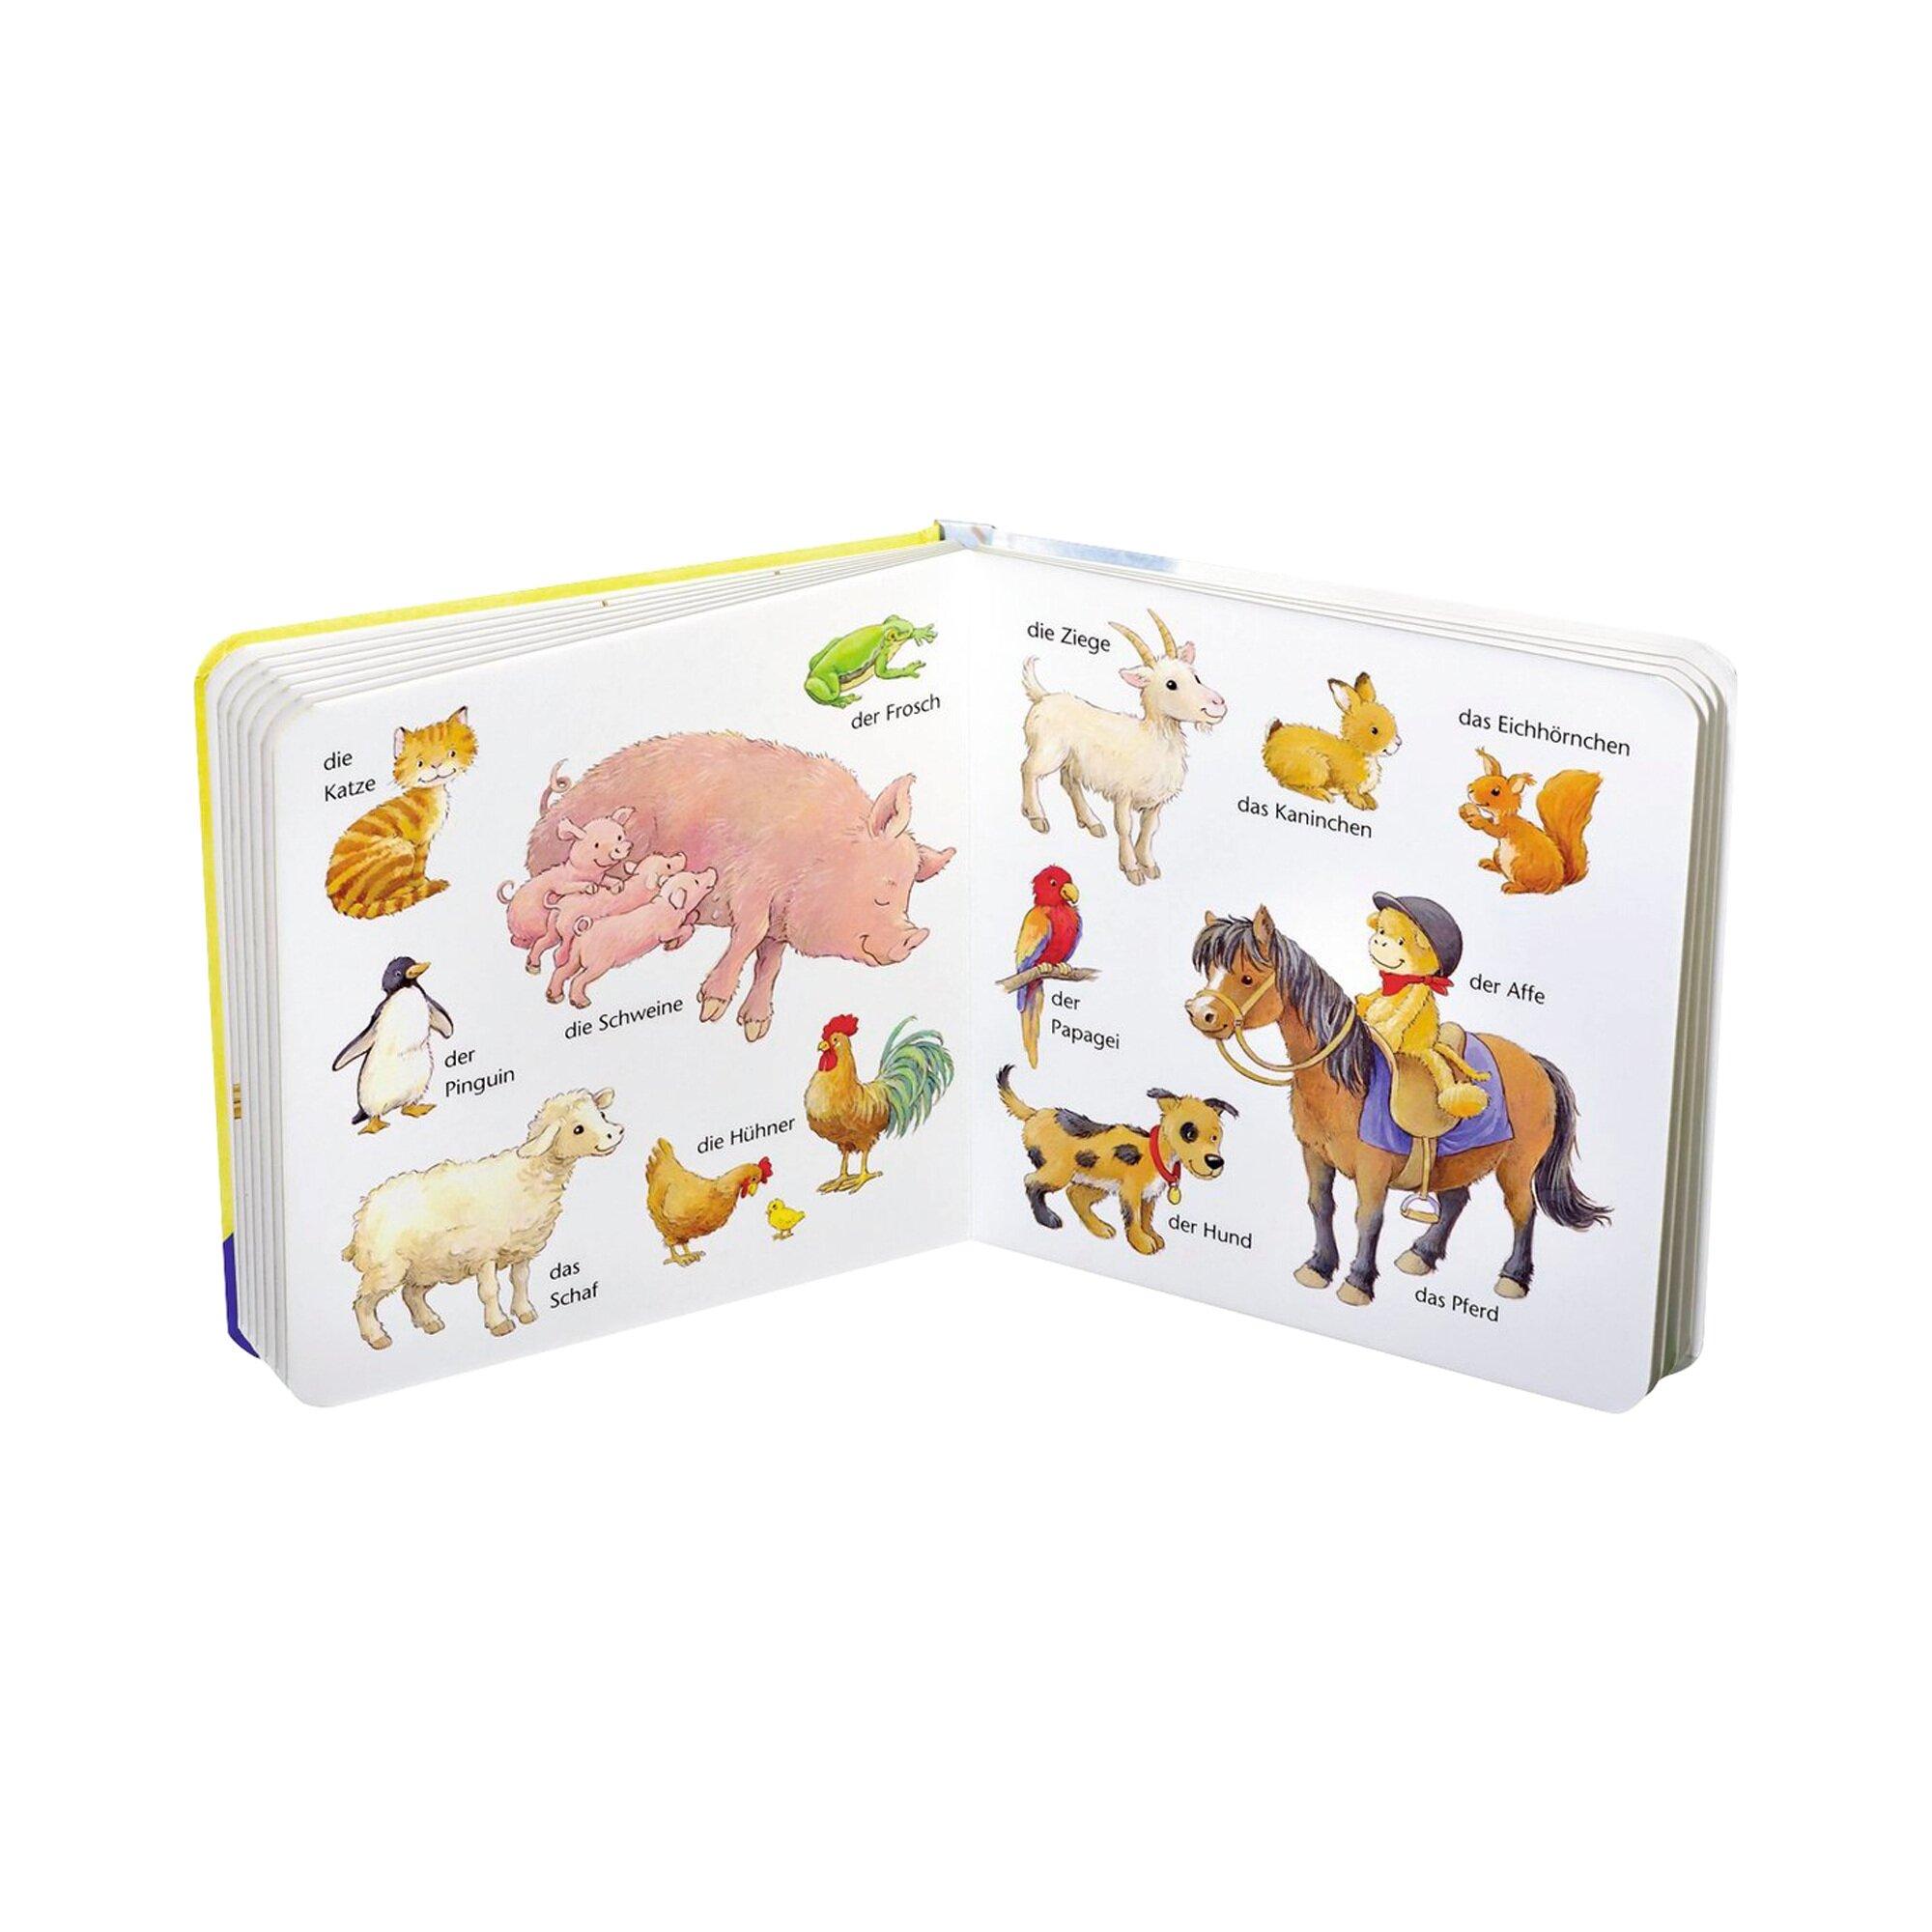 ministeps-pappbilderbuch-mein-erstes-worterbuch